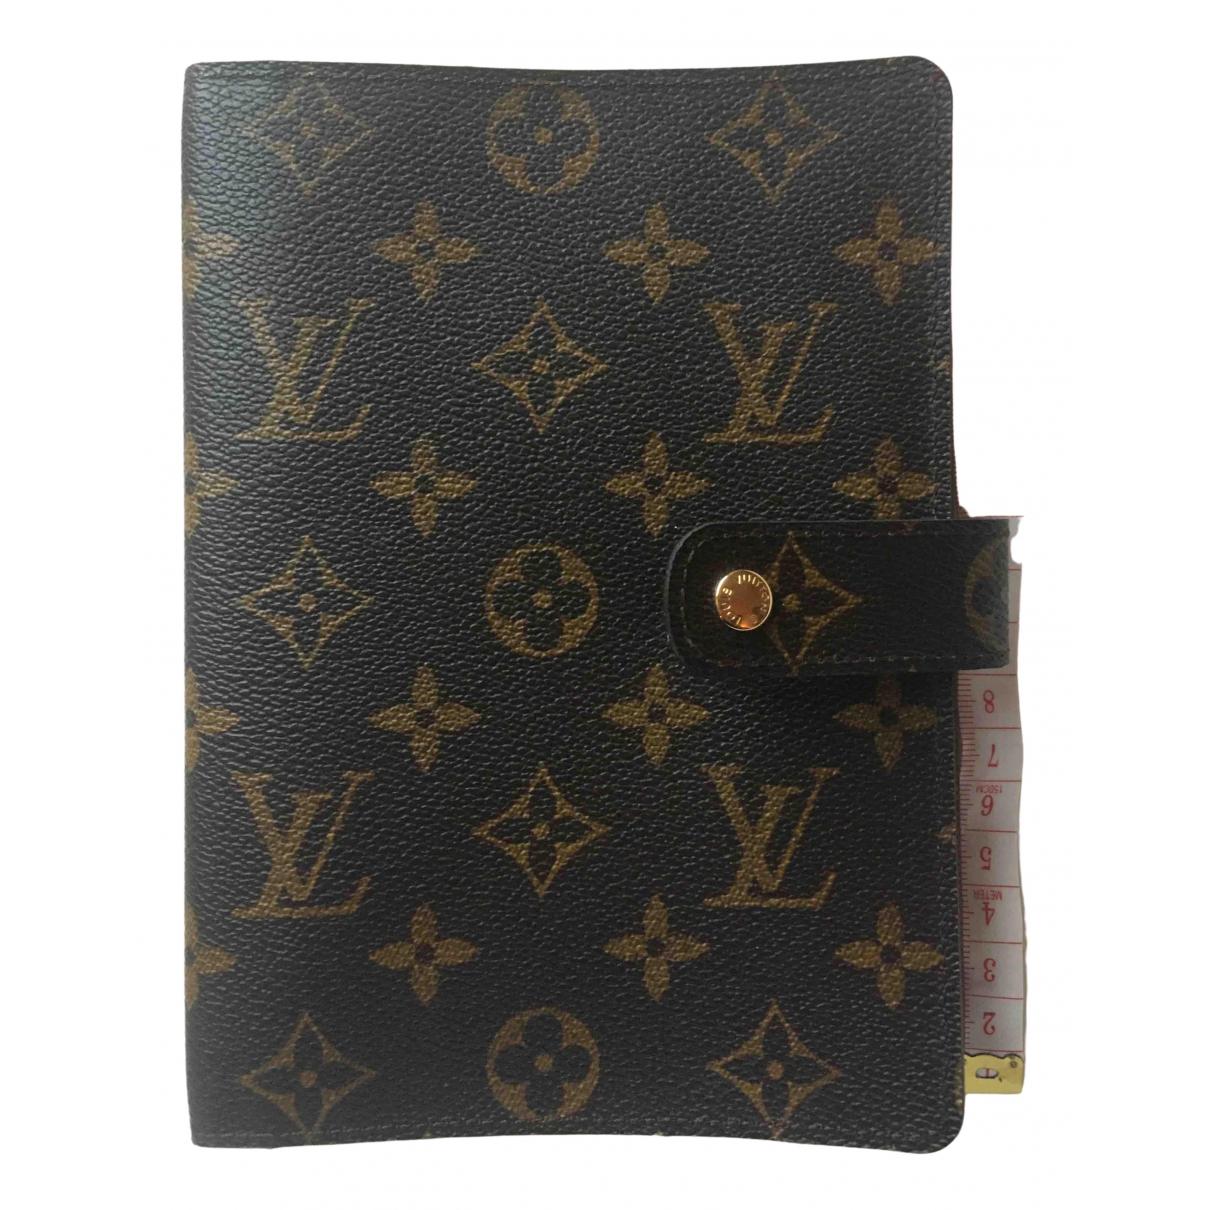 Louis Vuitton - Objets & Deco Couverture dagenda PM pour lifestyle en toile - marron